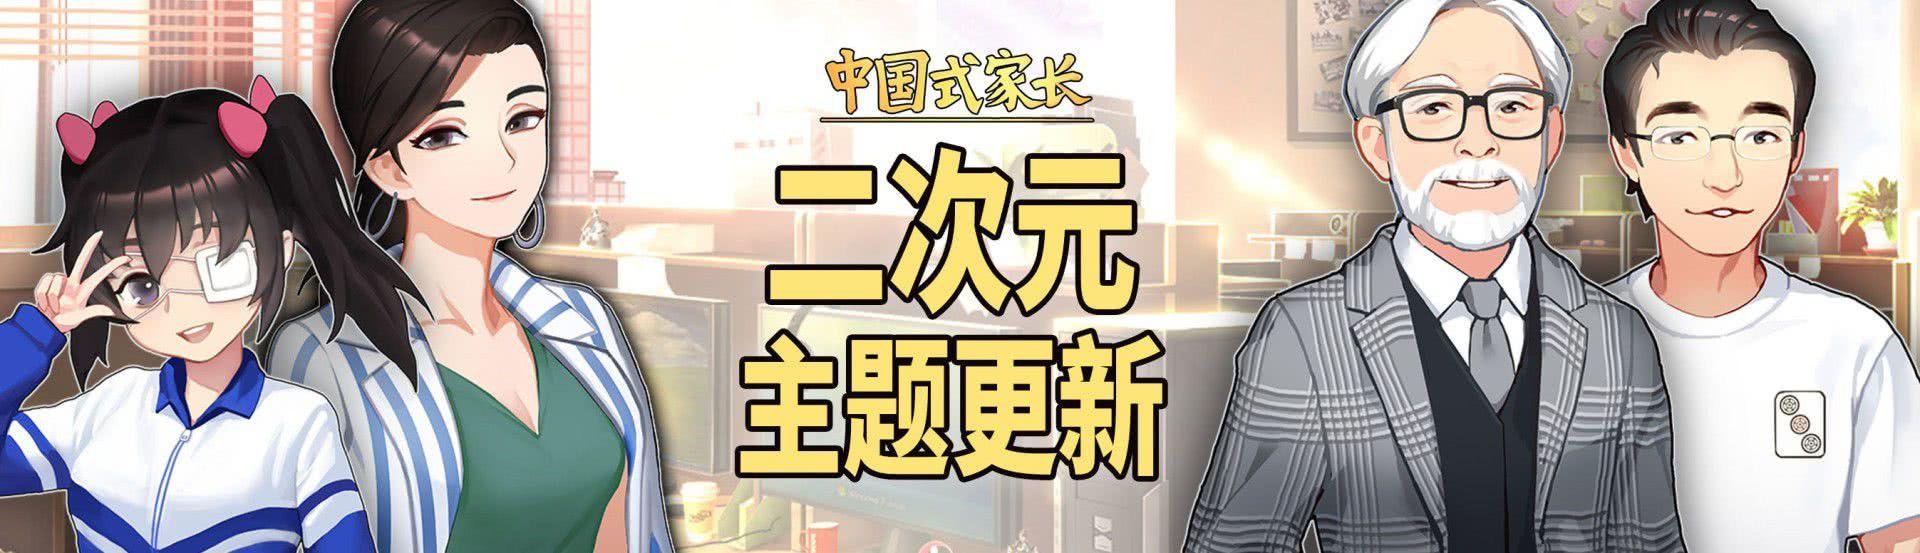 《中国式家长》二次元主题更新登场 新女生新职业来了